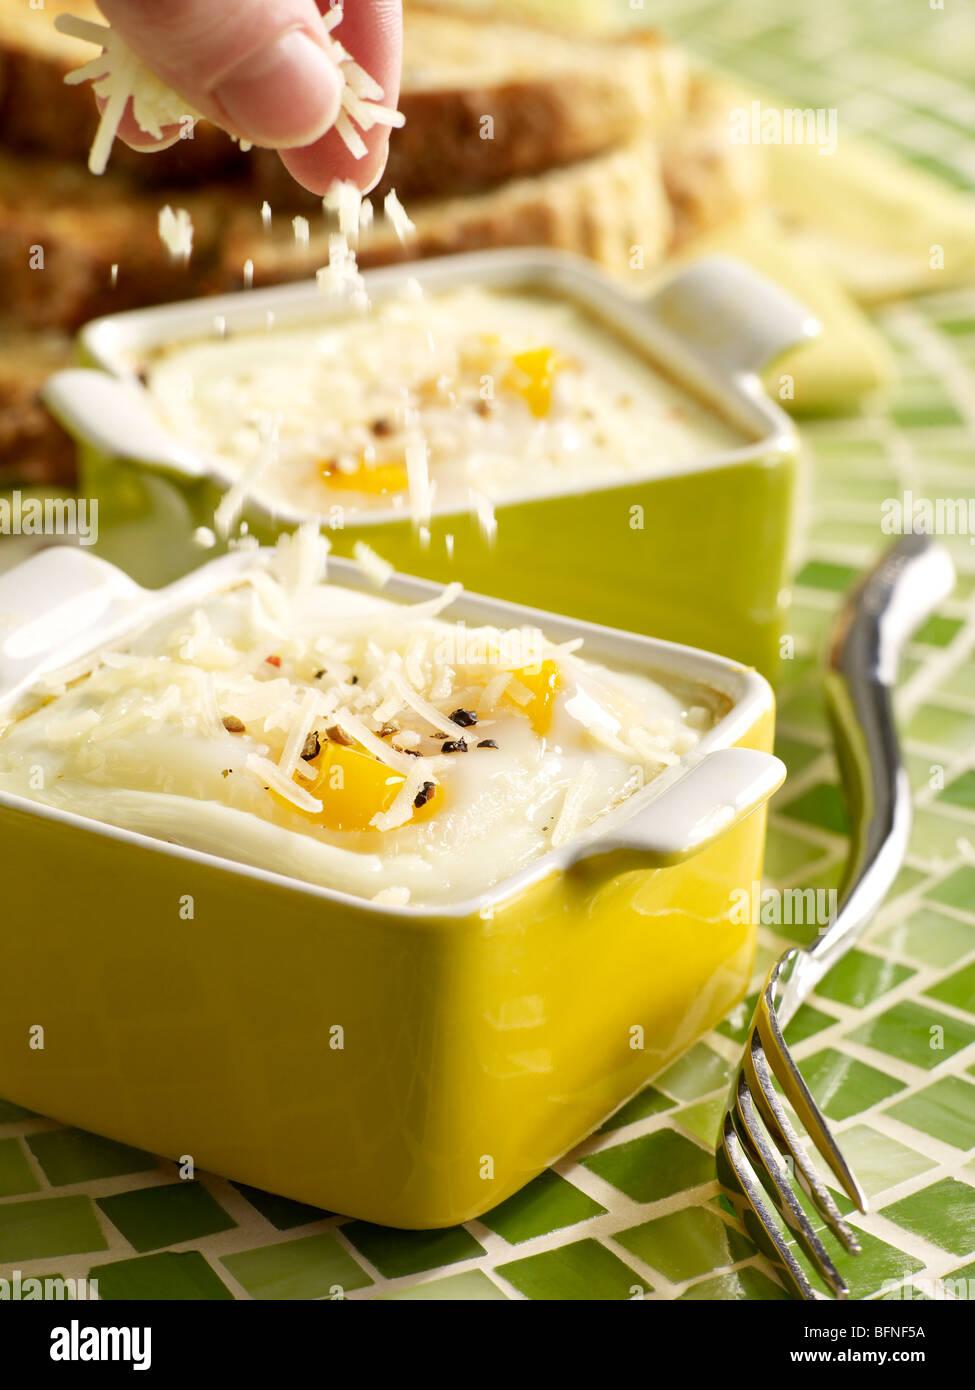 Oeufs cuits au four avec du parmesan saupoudrer Photo Stock